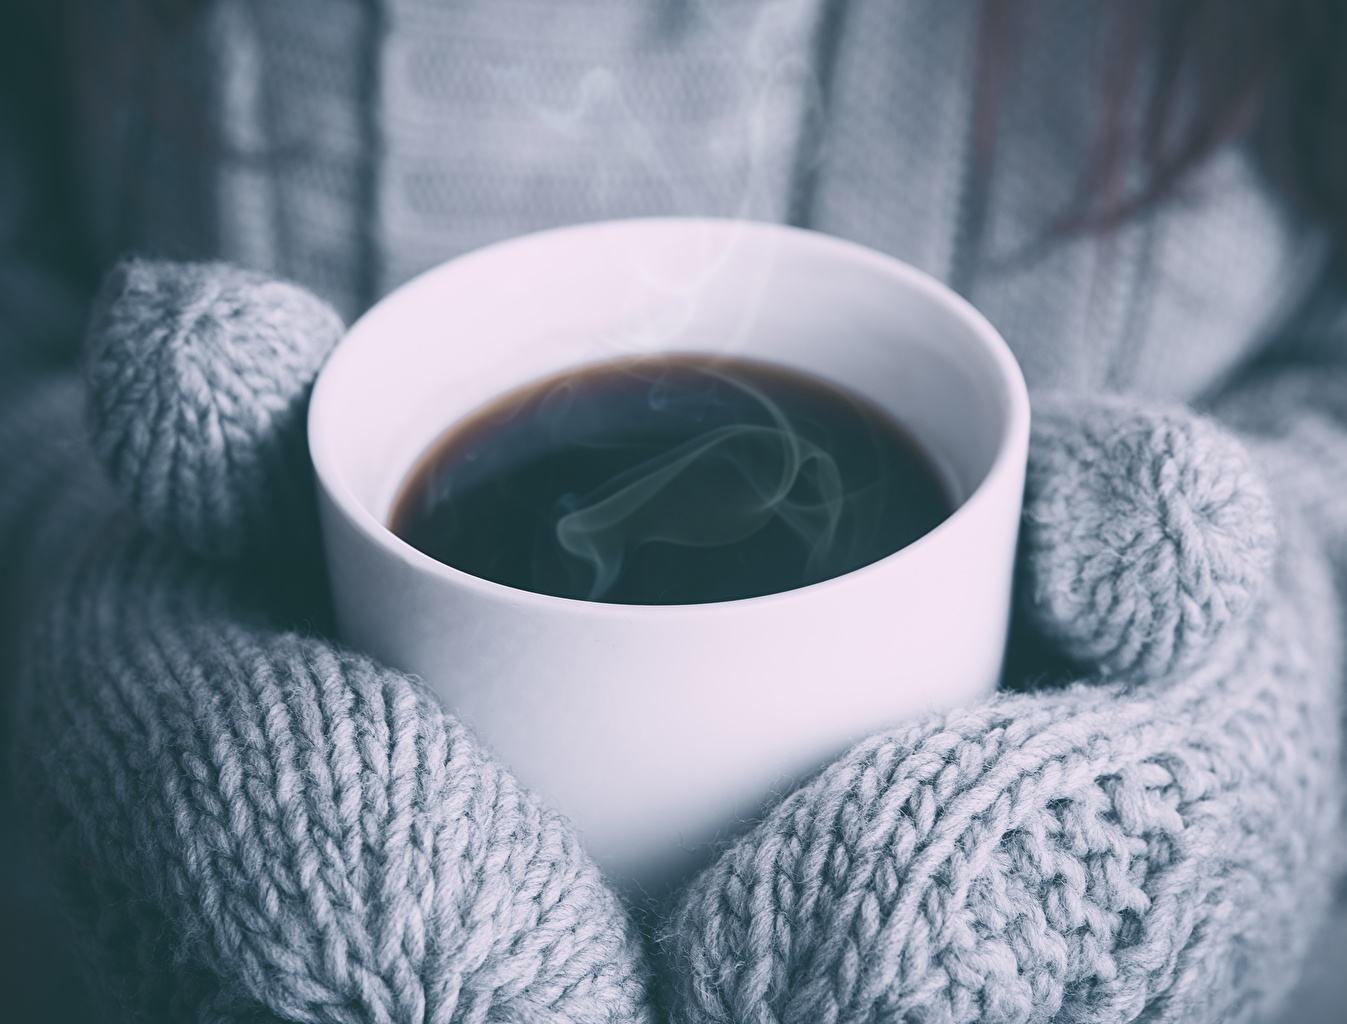 Фотографии рукавицы Кофе Пар Еда Чашка Крупным планом Варежки варежках рукавицах пары Пища чашке паром Продукты питания вблизи